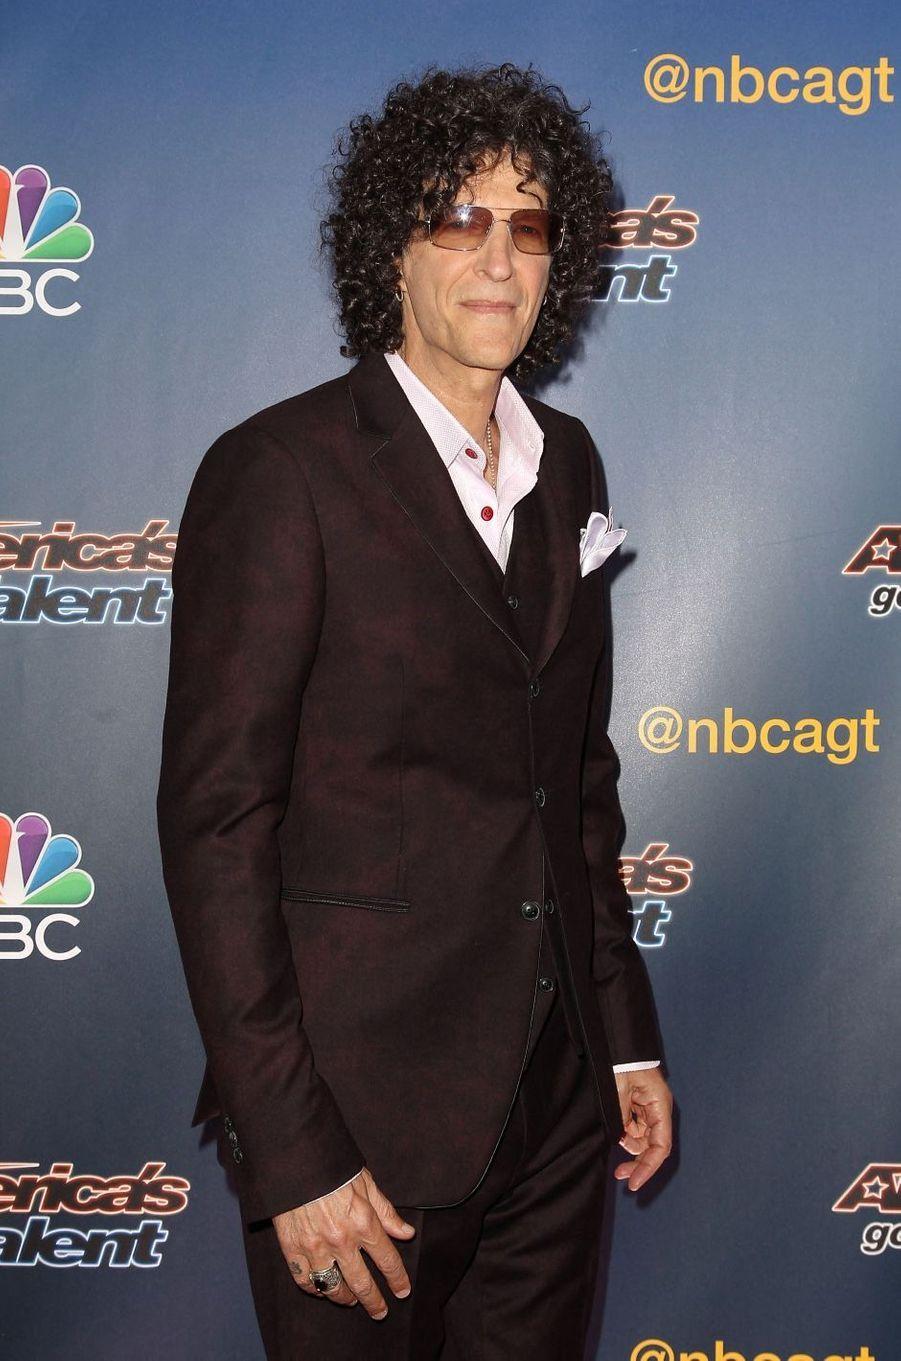 8 - Howard Stern, 90 millions de dollars